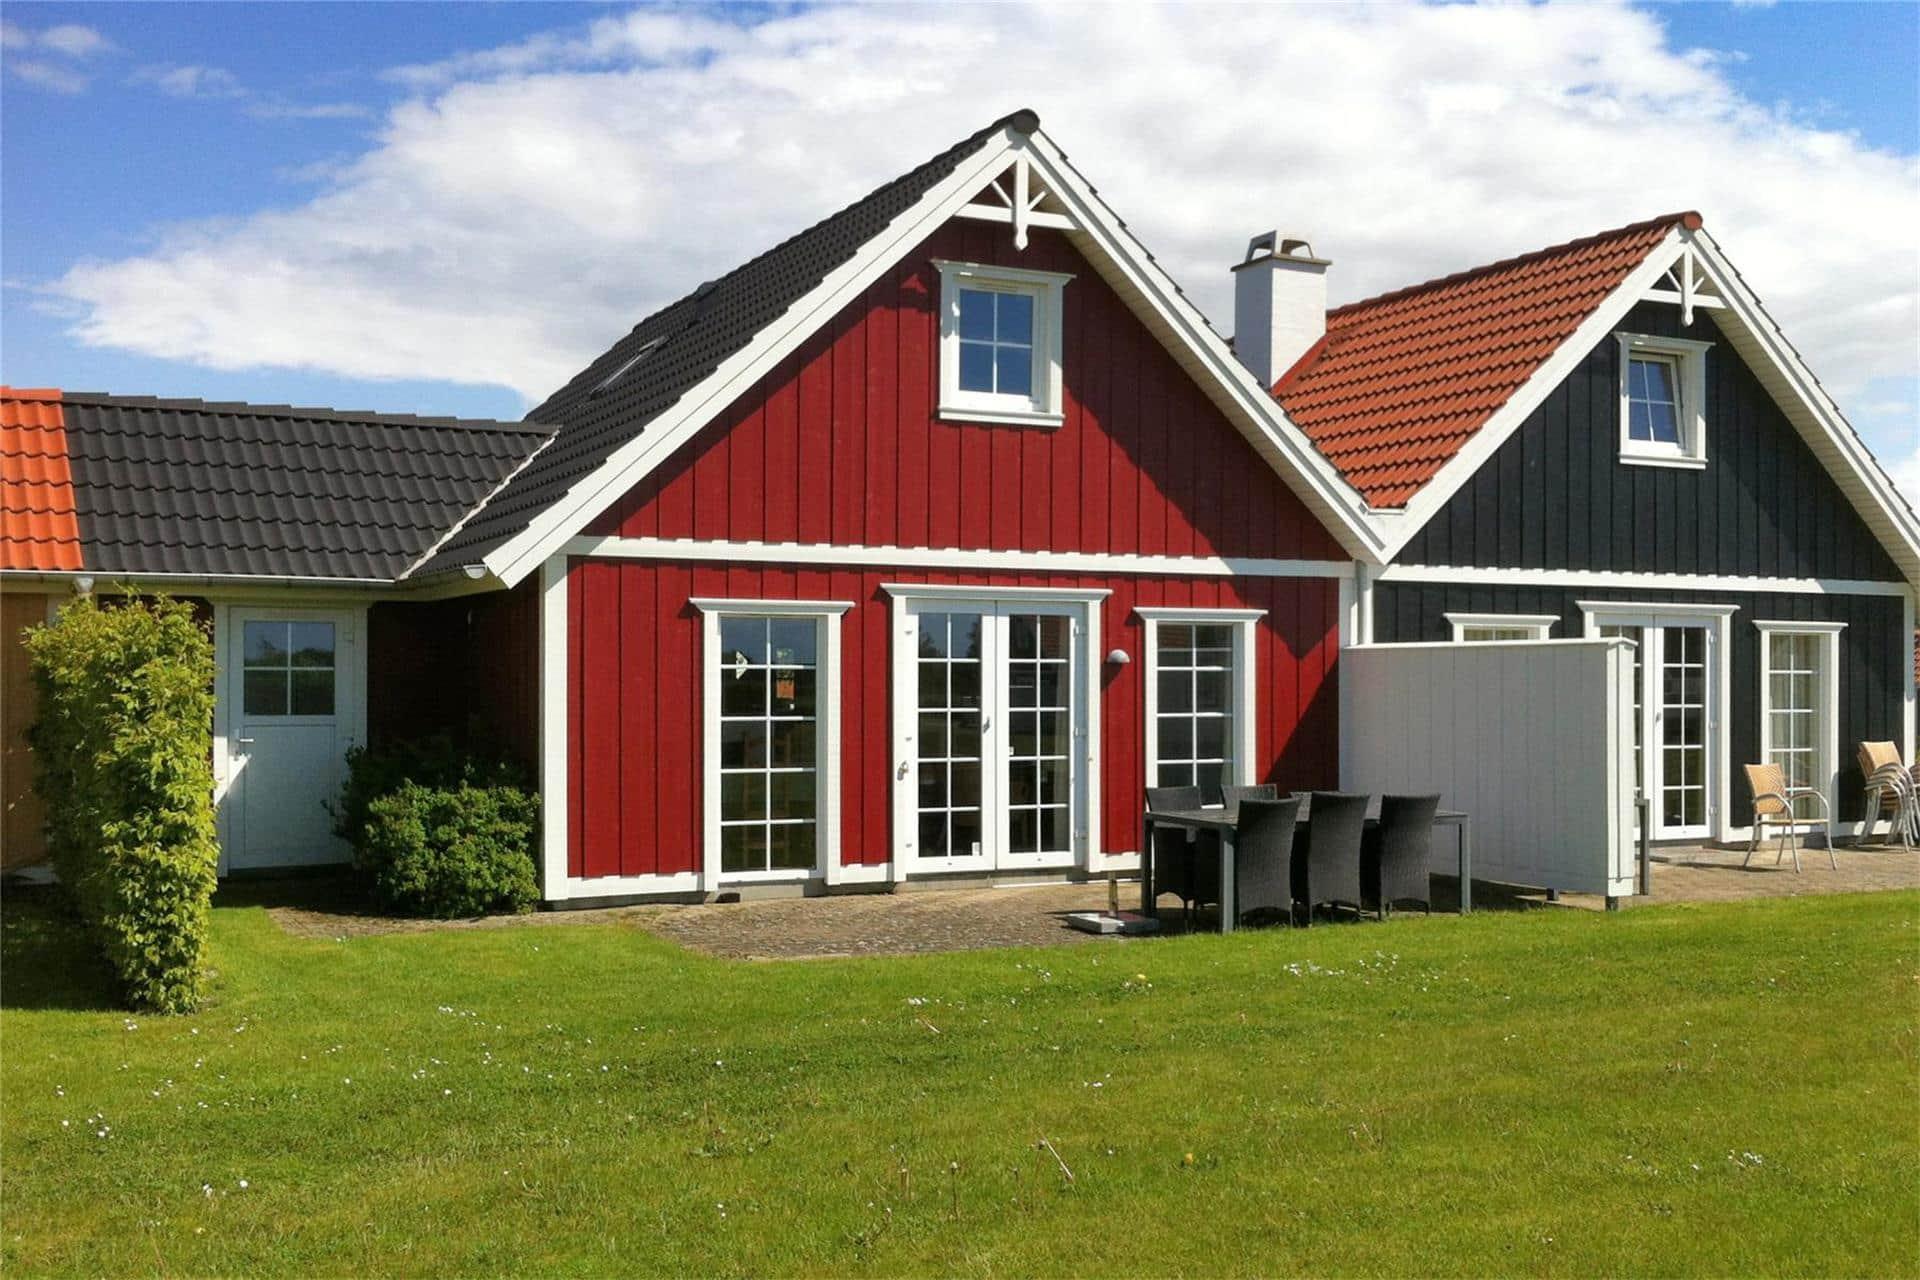 Billede 1-3 Sommerhus M64358, Strandgårdsvej 217, DK - 5464 Brenderup Fyn